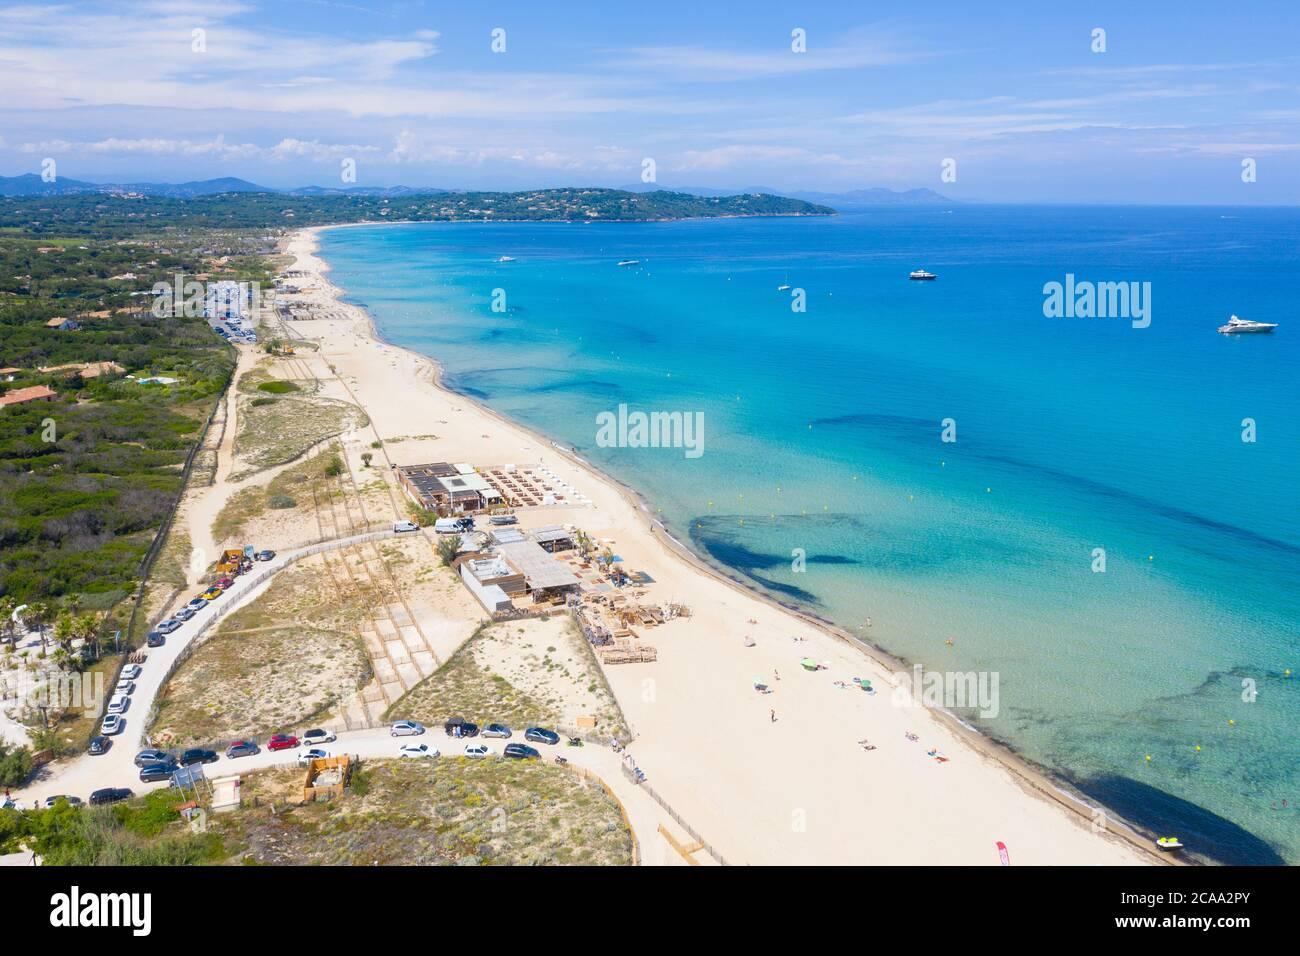 Reparto Var, Ramatuelle - Saint Tropez, veduta aerea della spiaggia di Pampelonne, la famosa spiaggia situata sulla Costa Azzurra Foto Stock